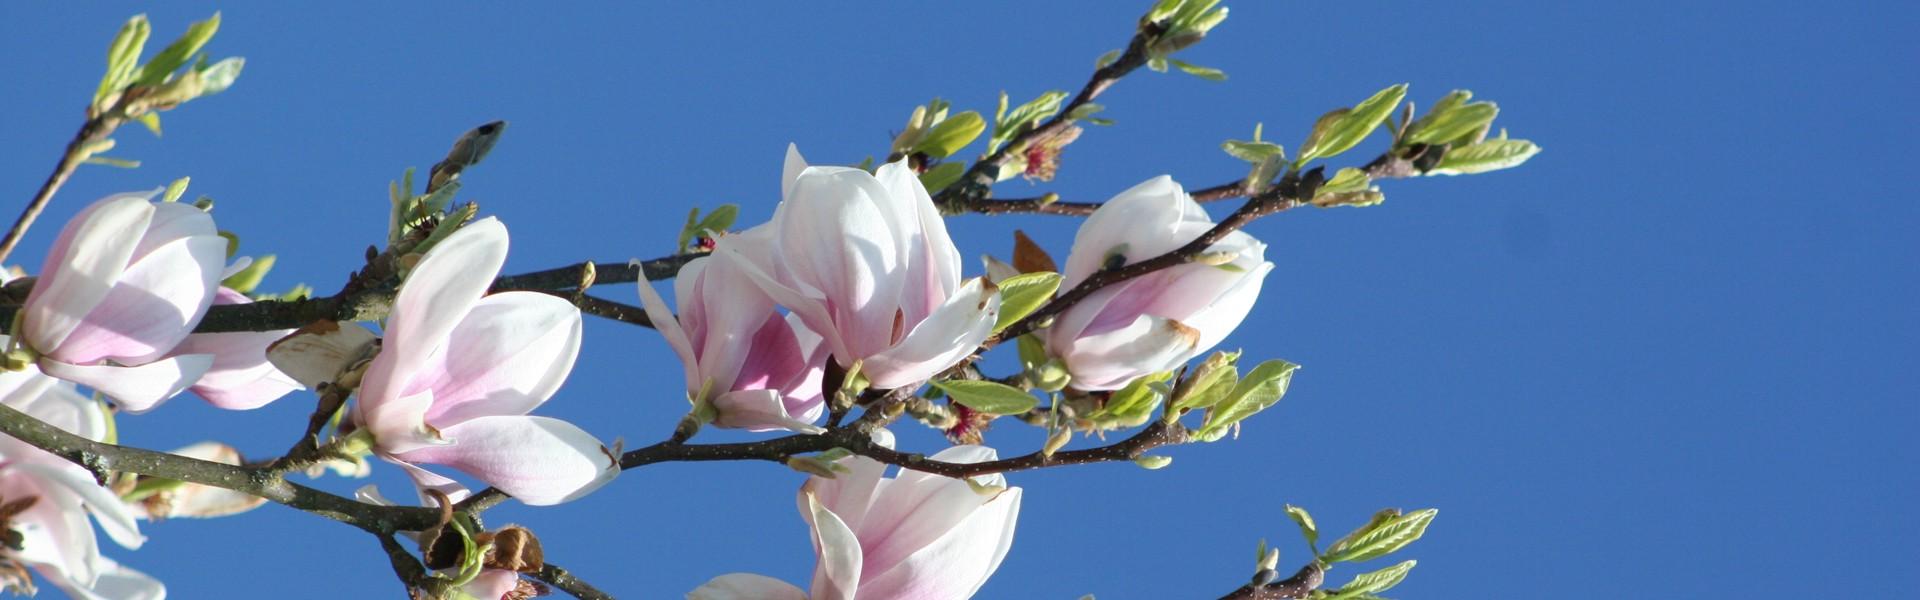 Blütenbaum vor Reception, Frühlingserwachen im Golf- und Landhotel Anetseder